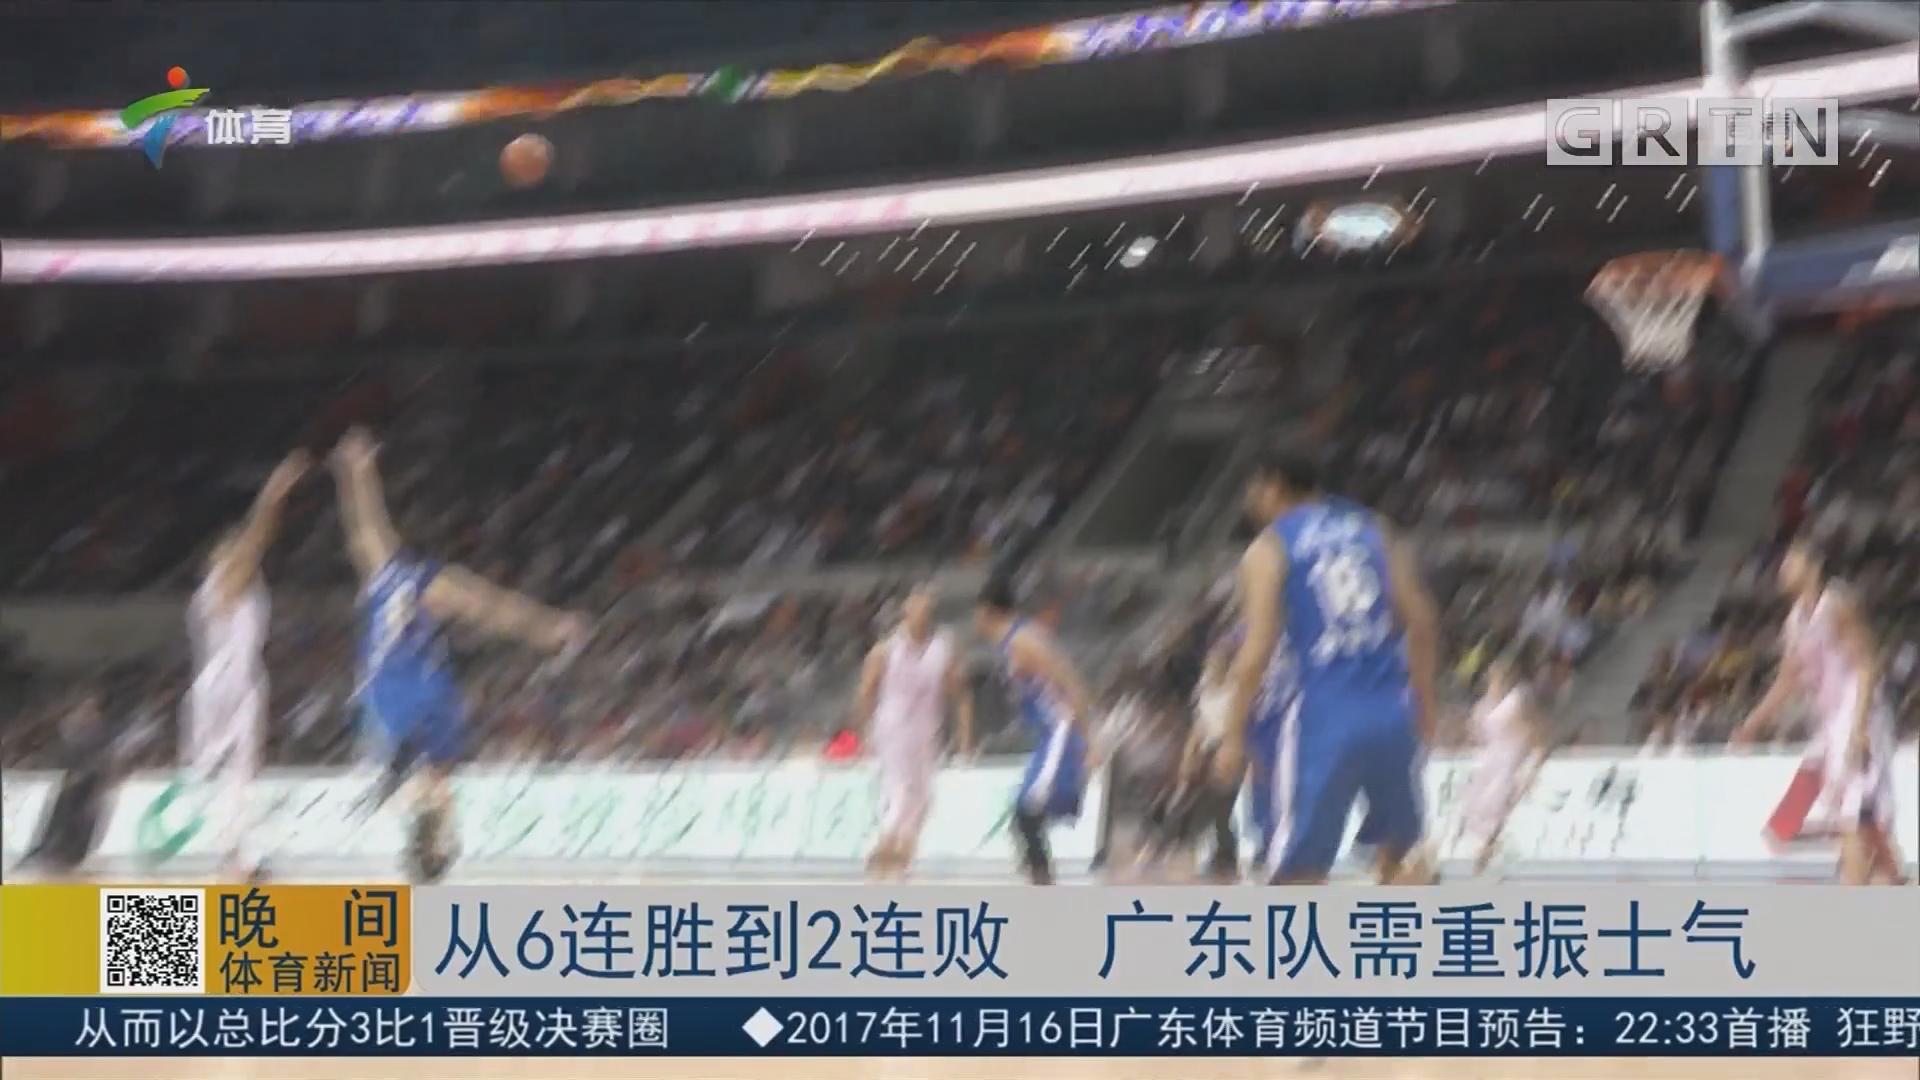 从6连胜到2连败 广东队需重振士气